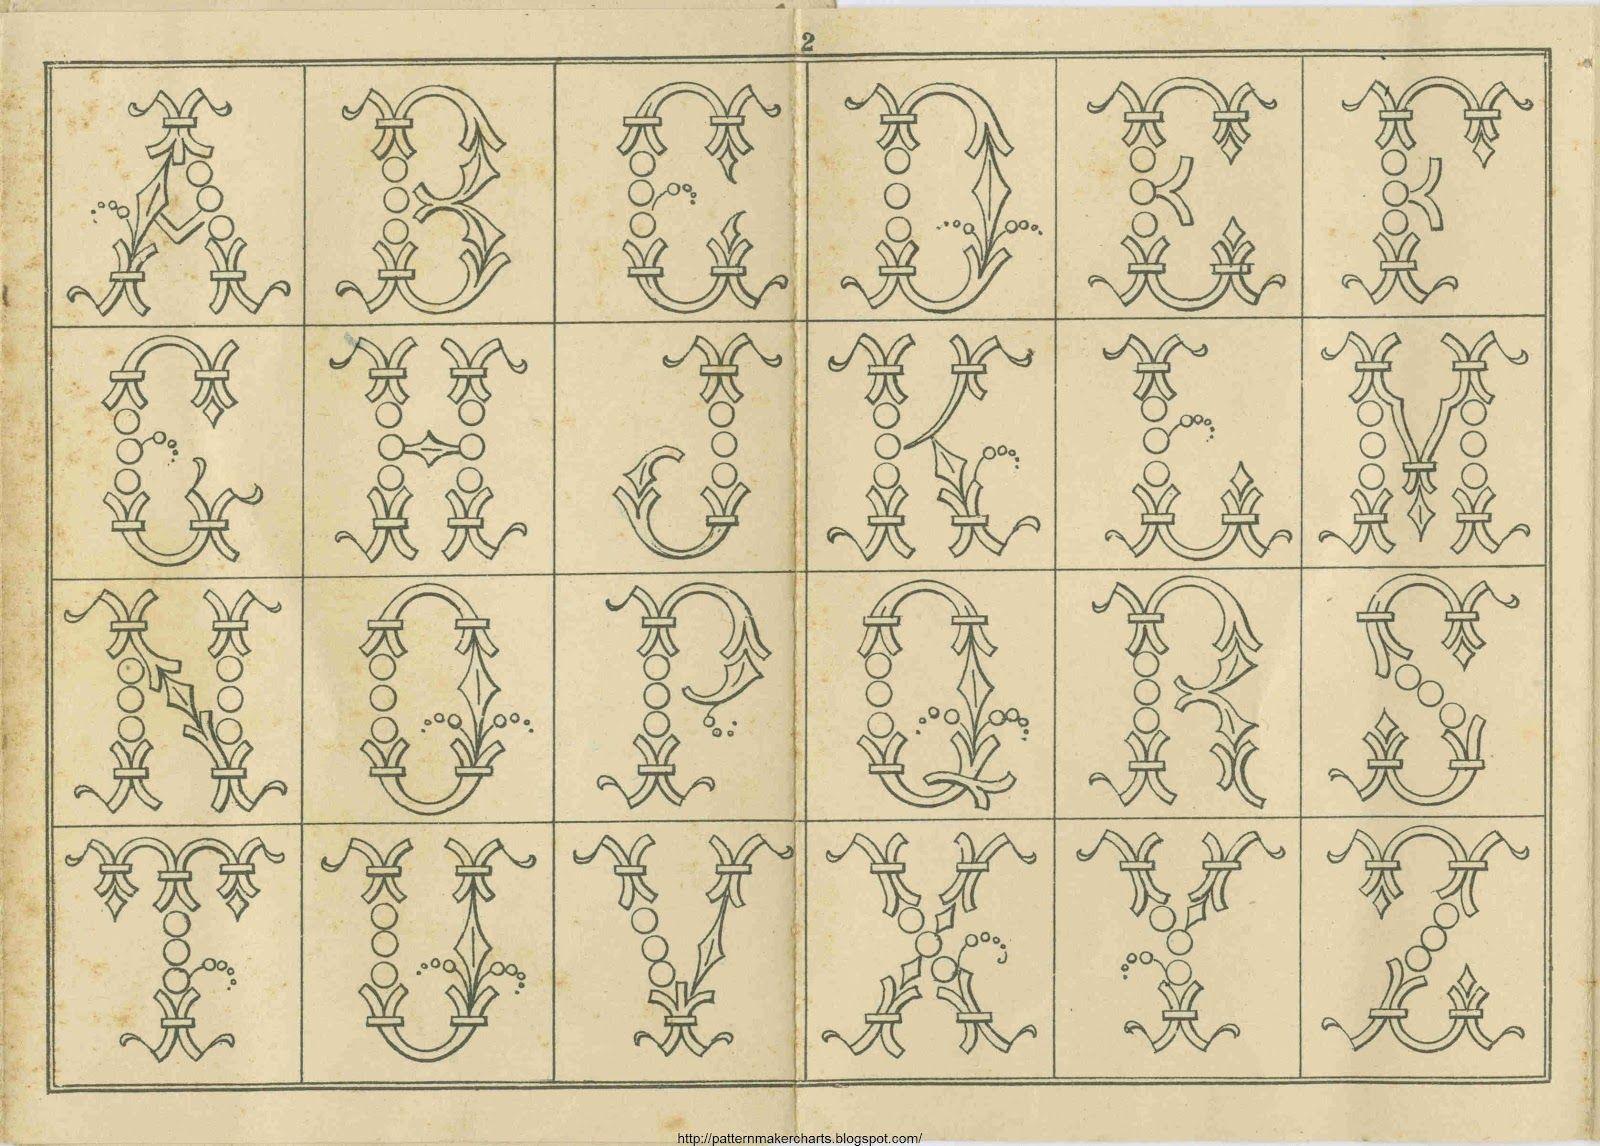 Pin de Bastel Oma en Vordrucke | Pinterest | Alfabeto, Bordado y Letras